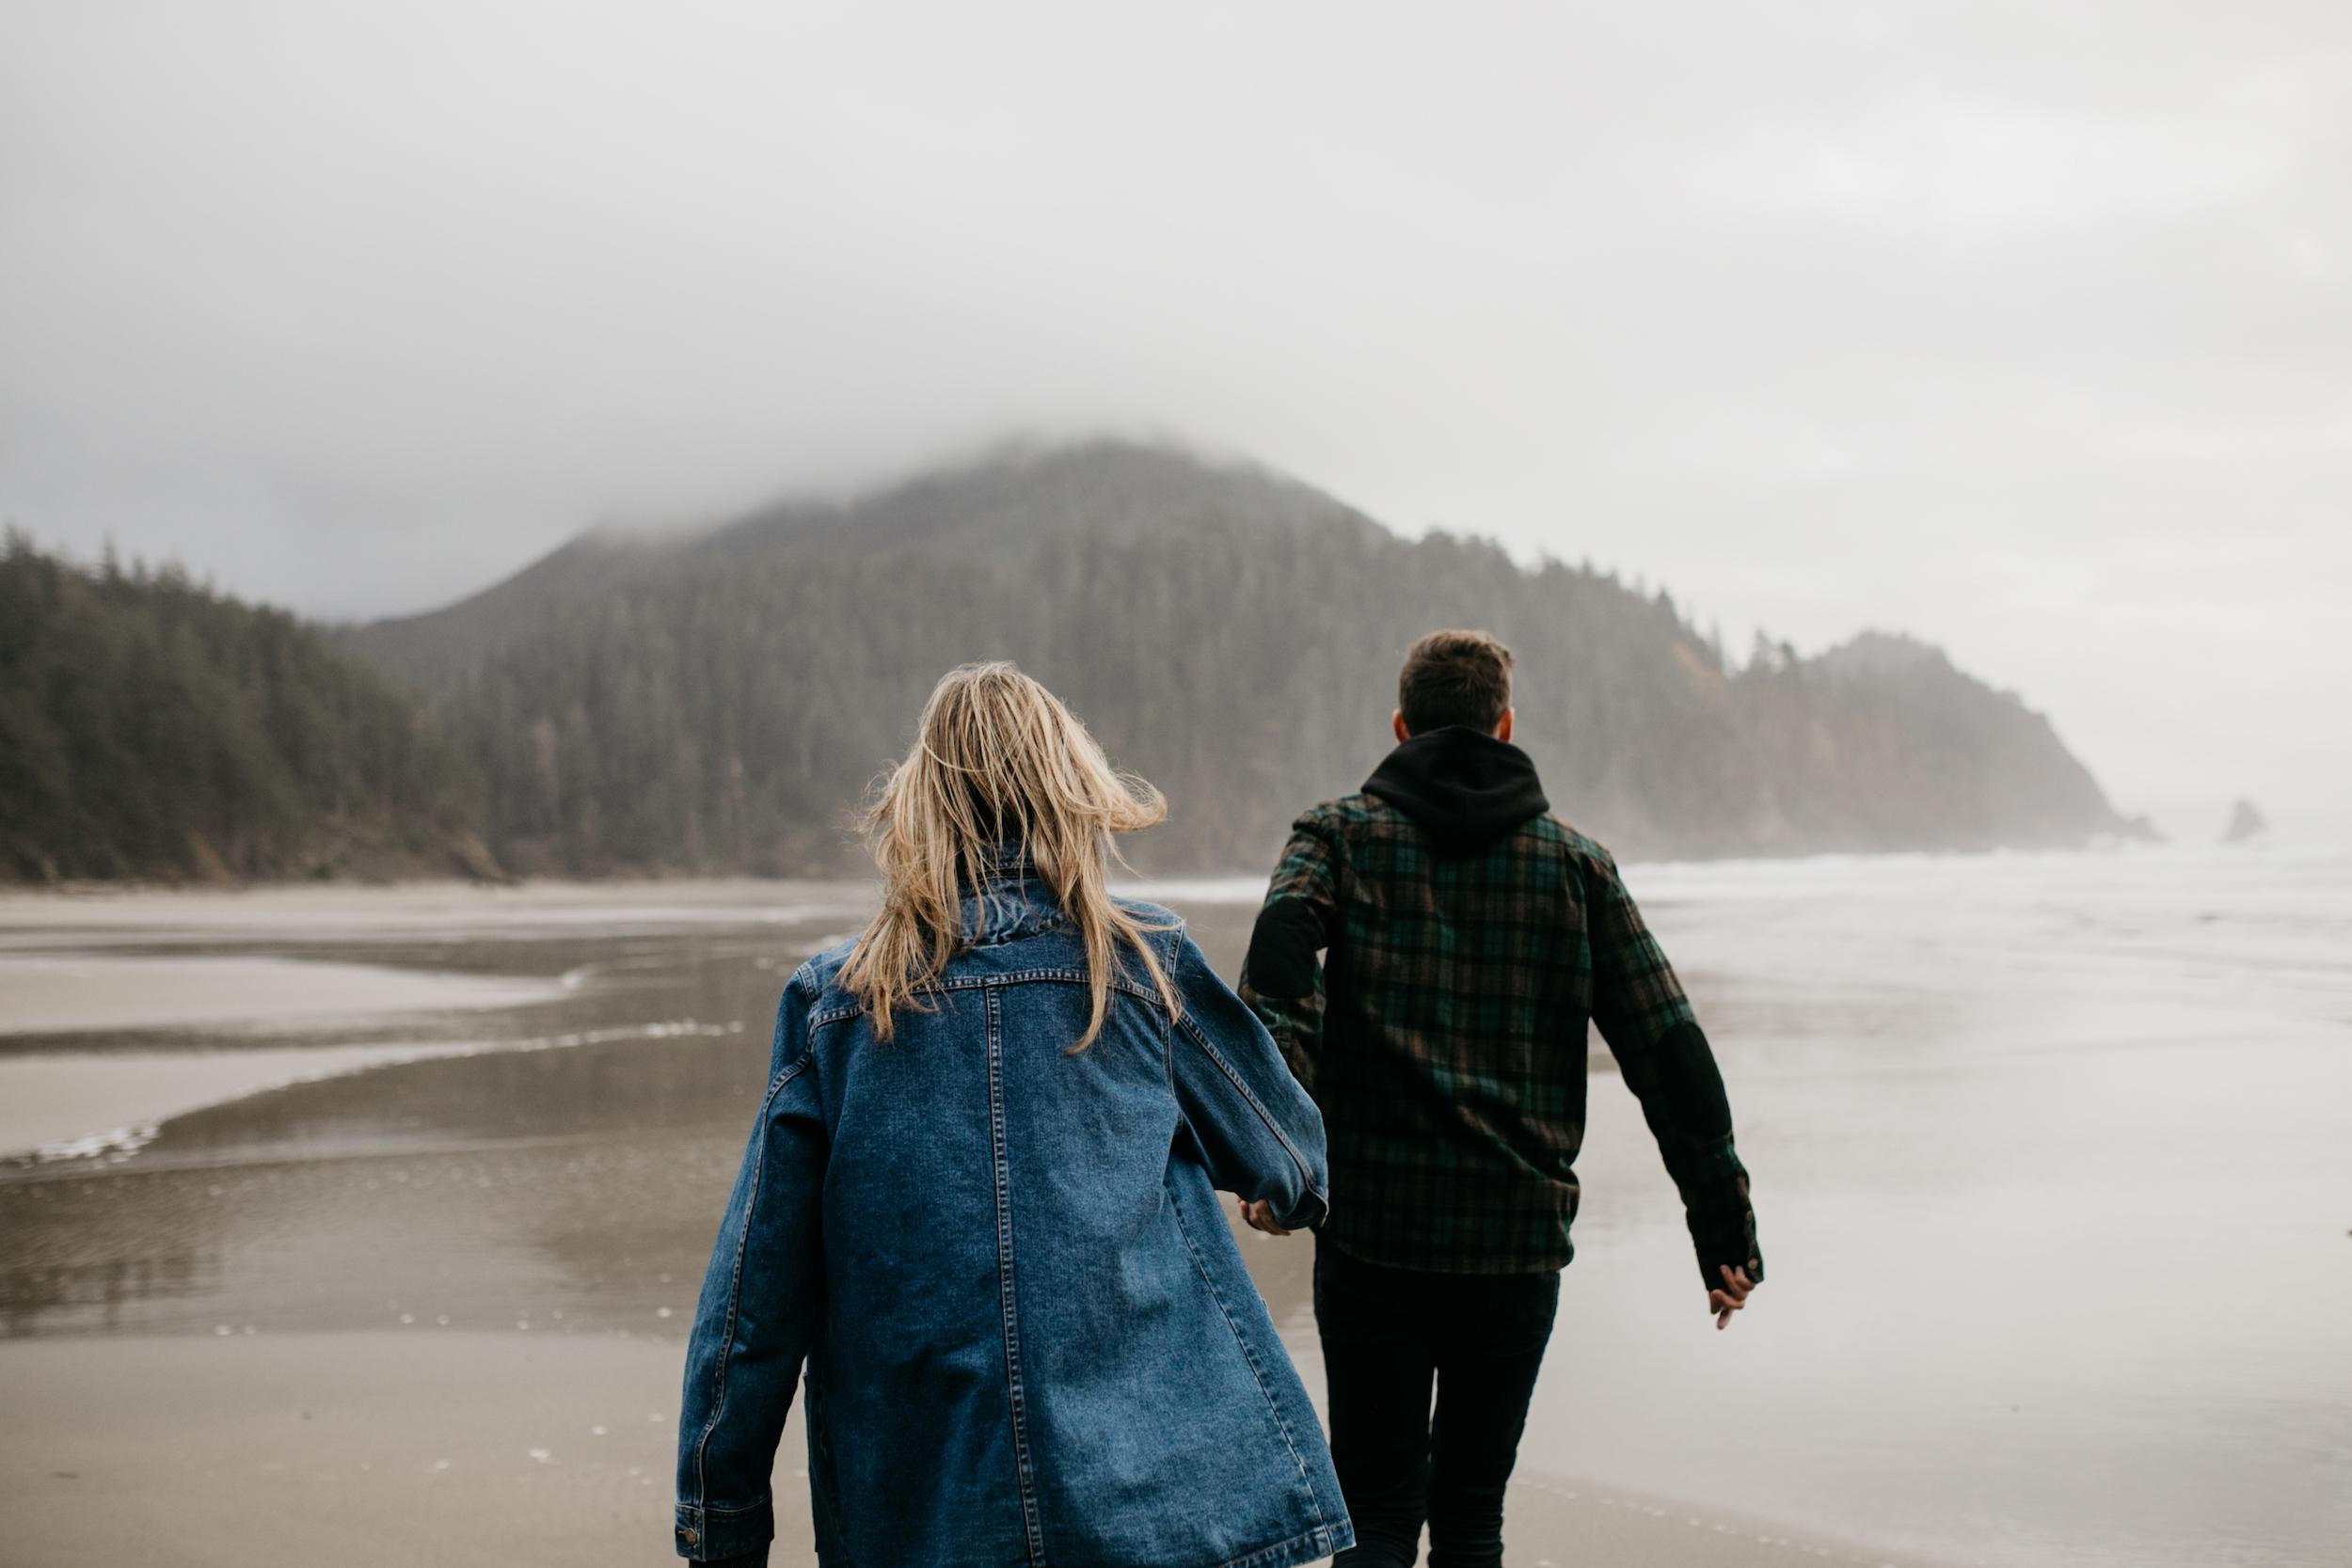 oswald-state-park-oregon-coast-engagement-photographer185.jpg